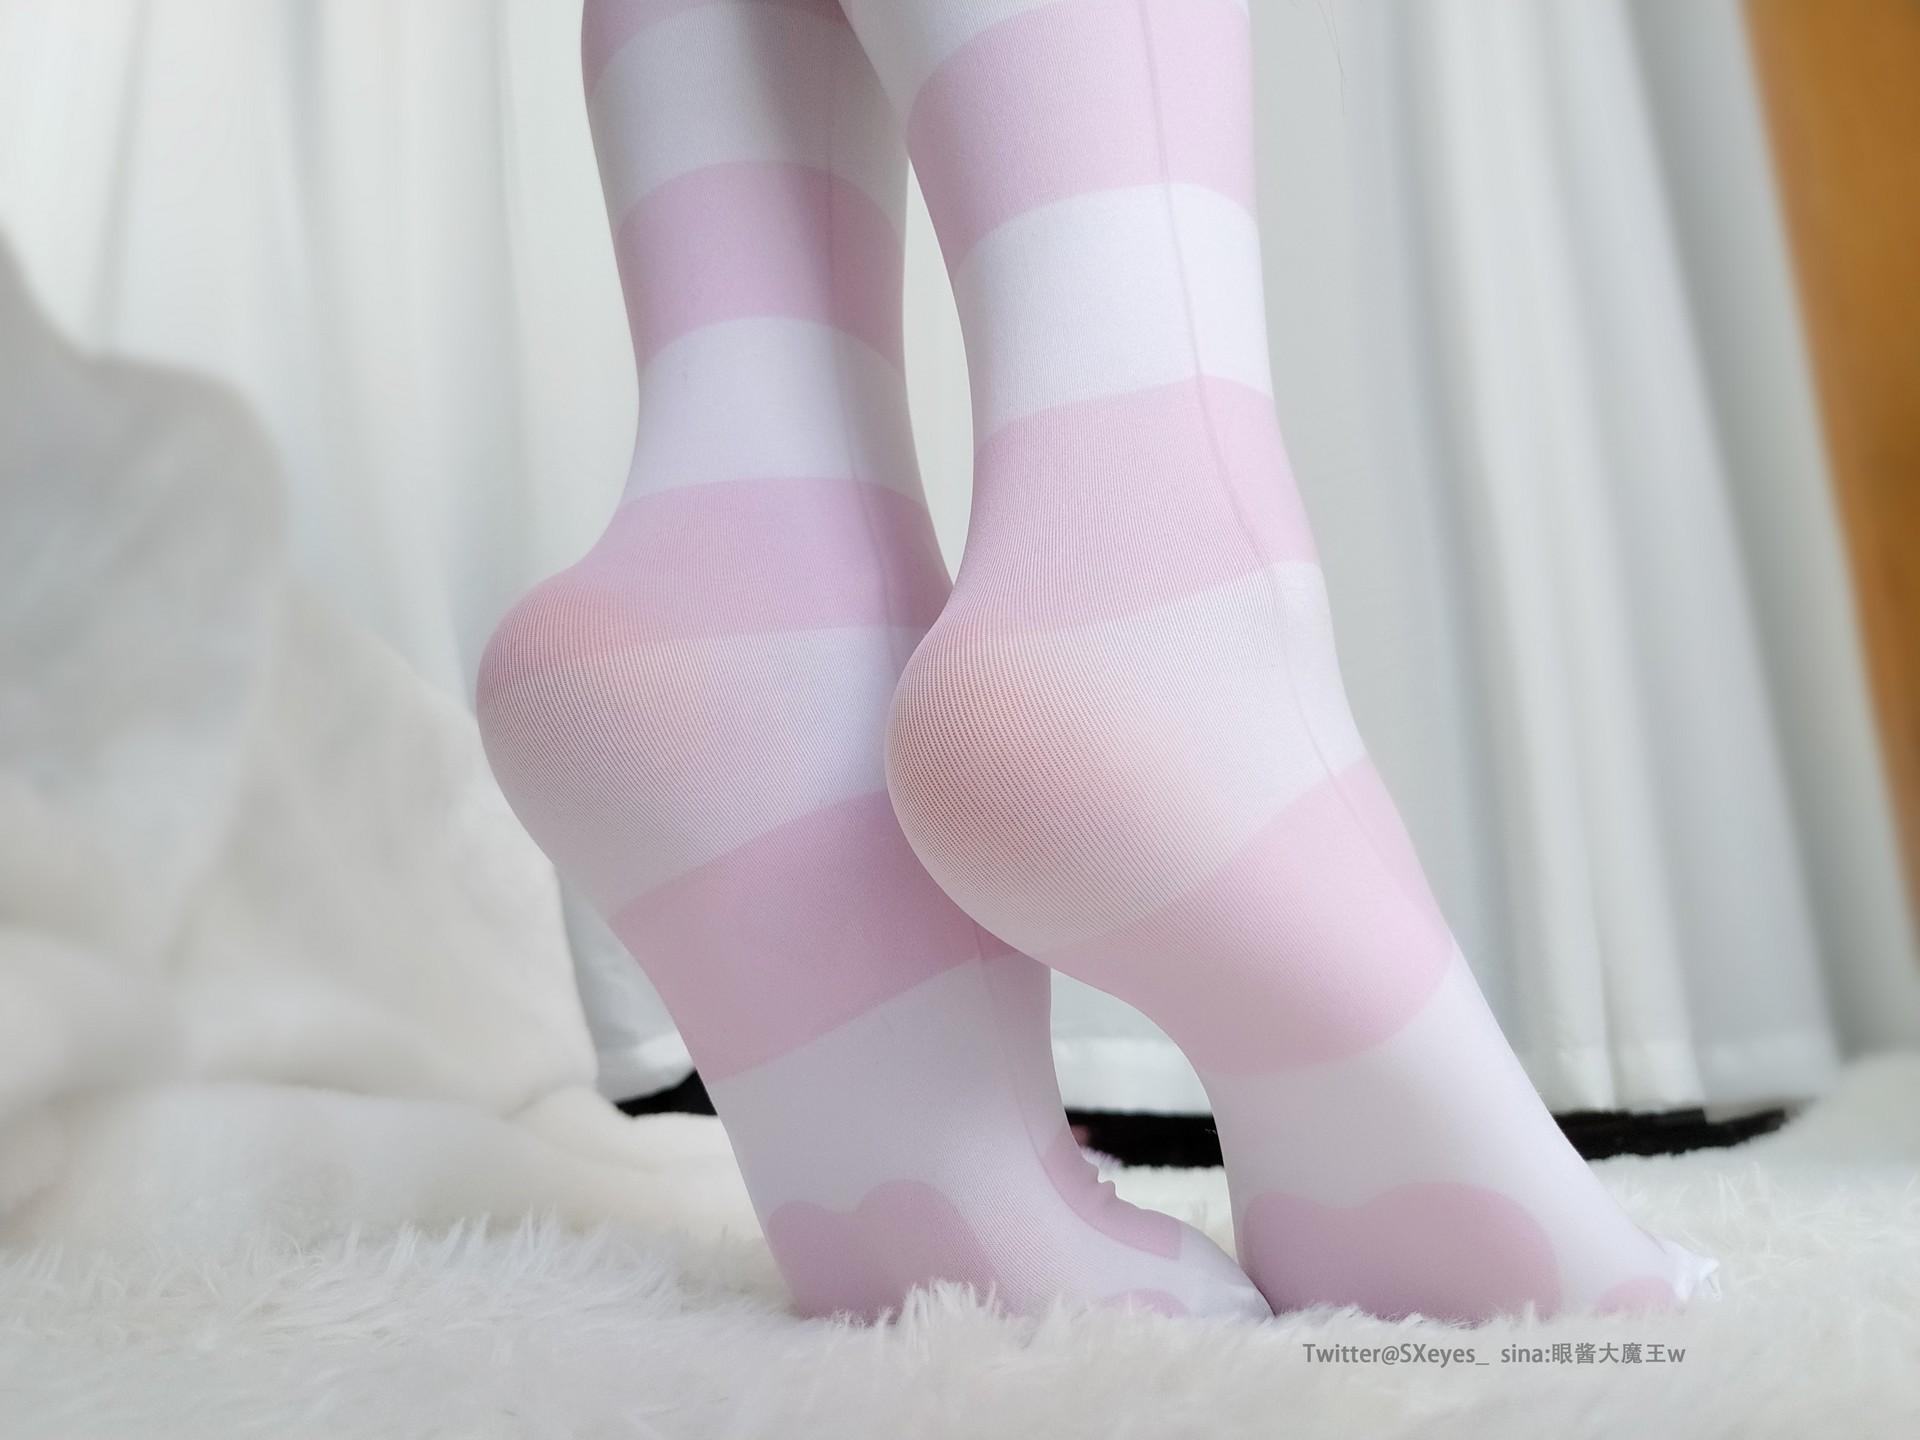 [眼酱大魔王 w]粉嫩小腿 腿控领域